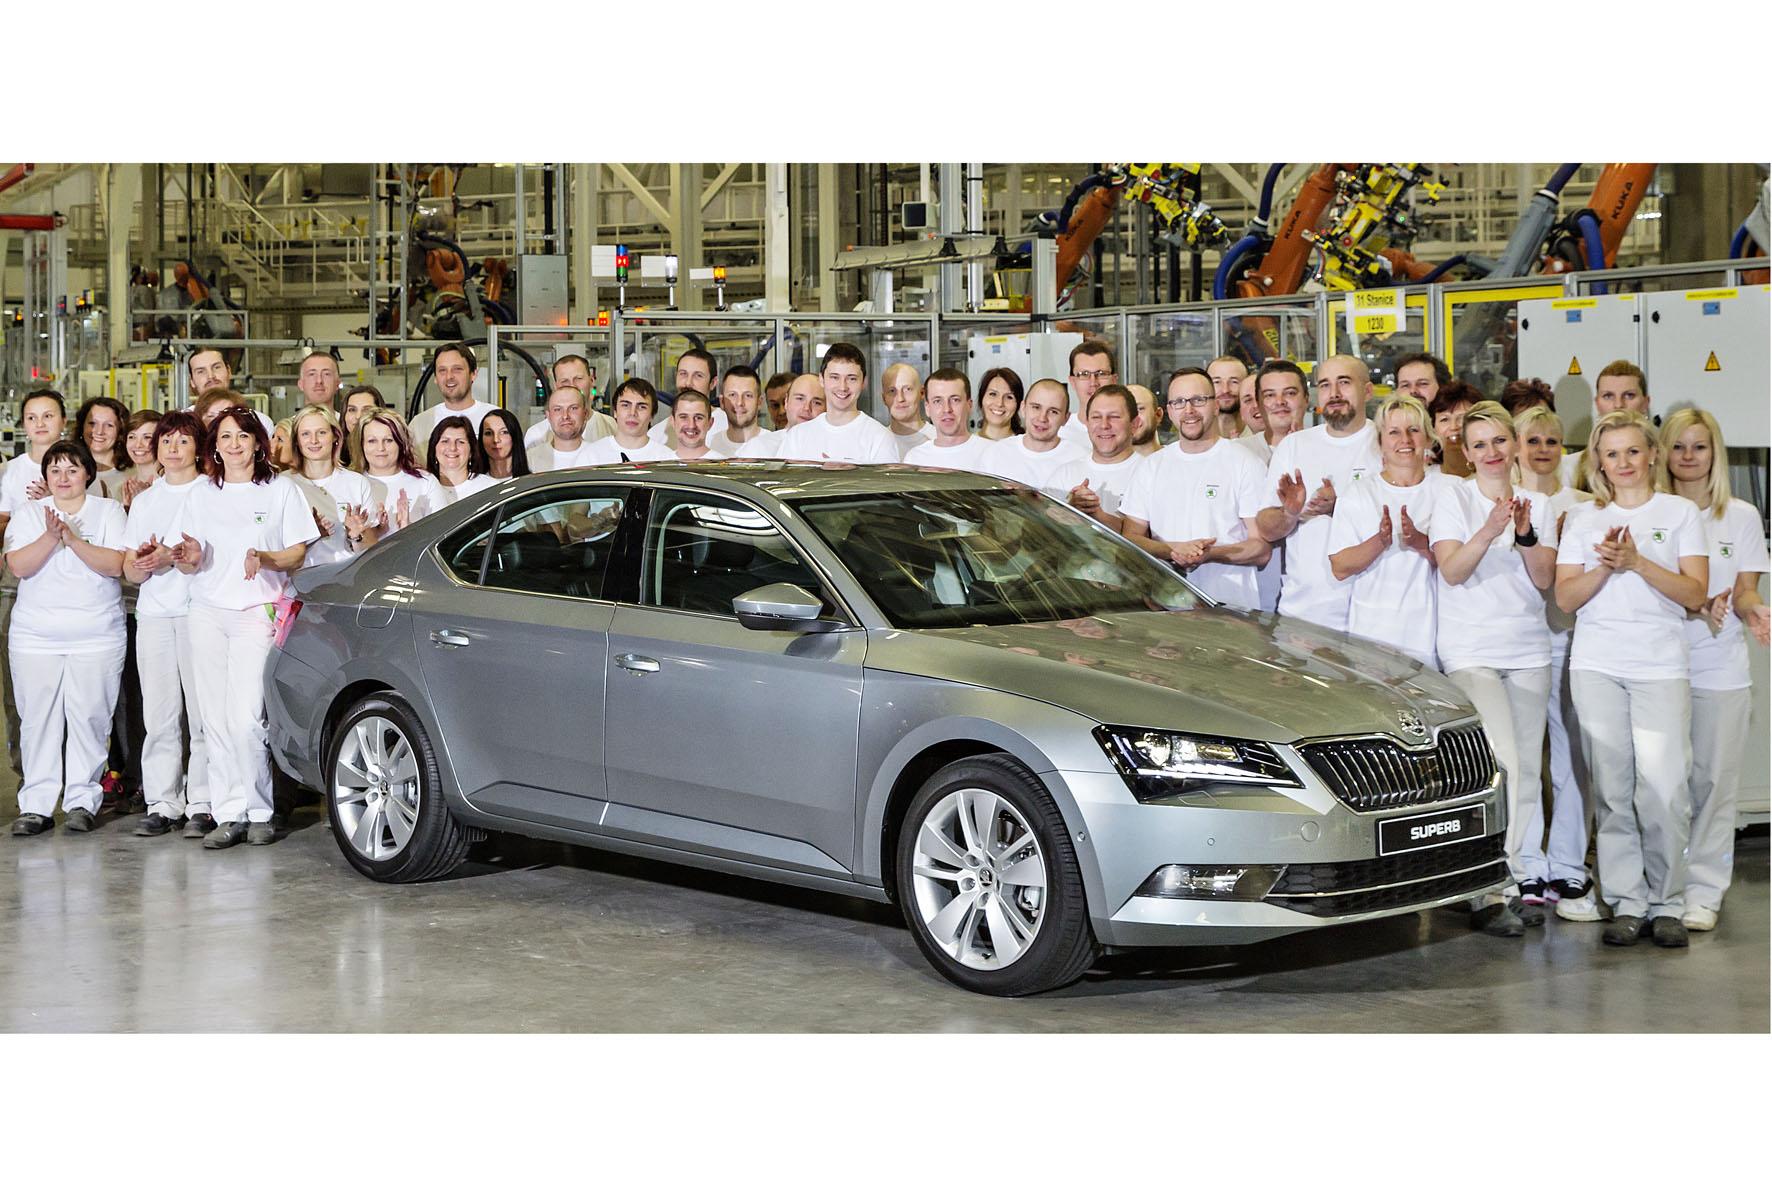 Im Škoda-Werk Kvasiny ist der erste Superb der dritten Generation vom Band gerollt.